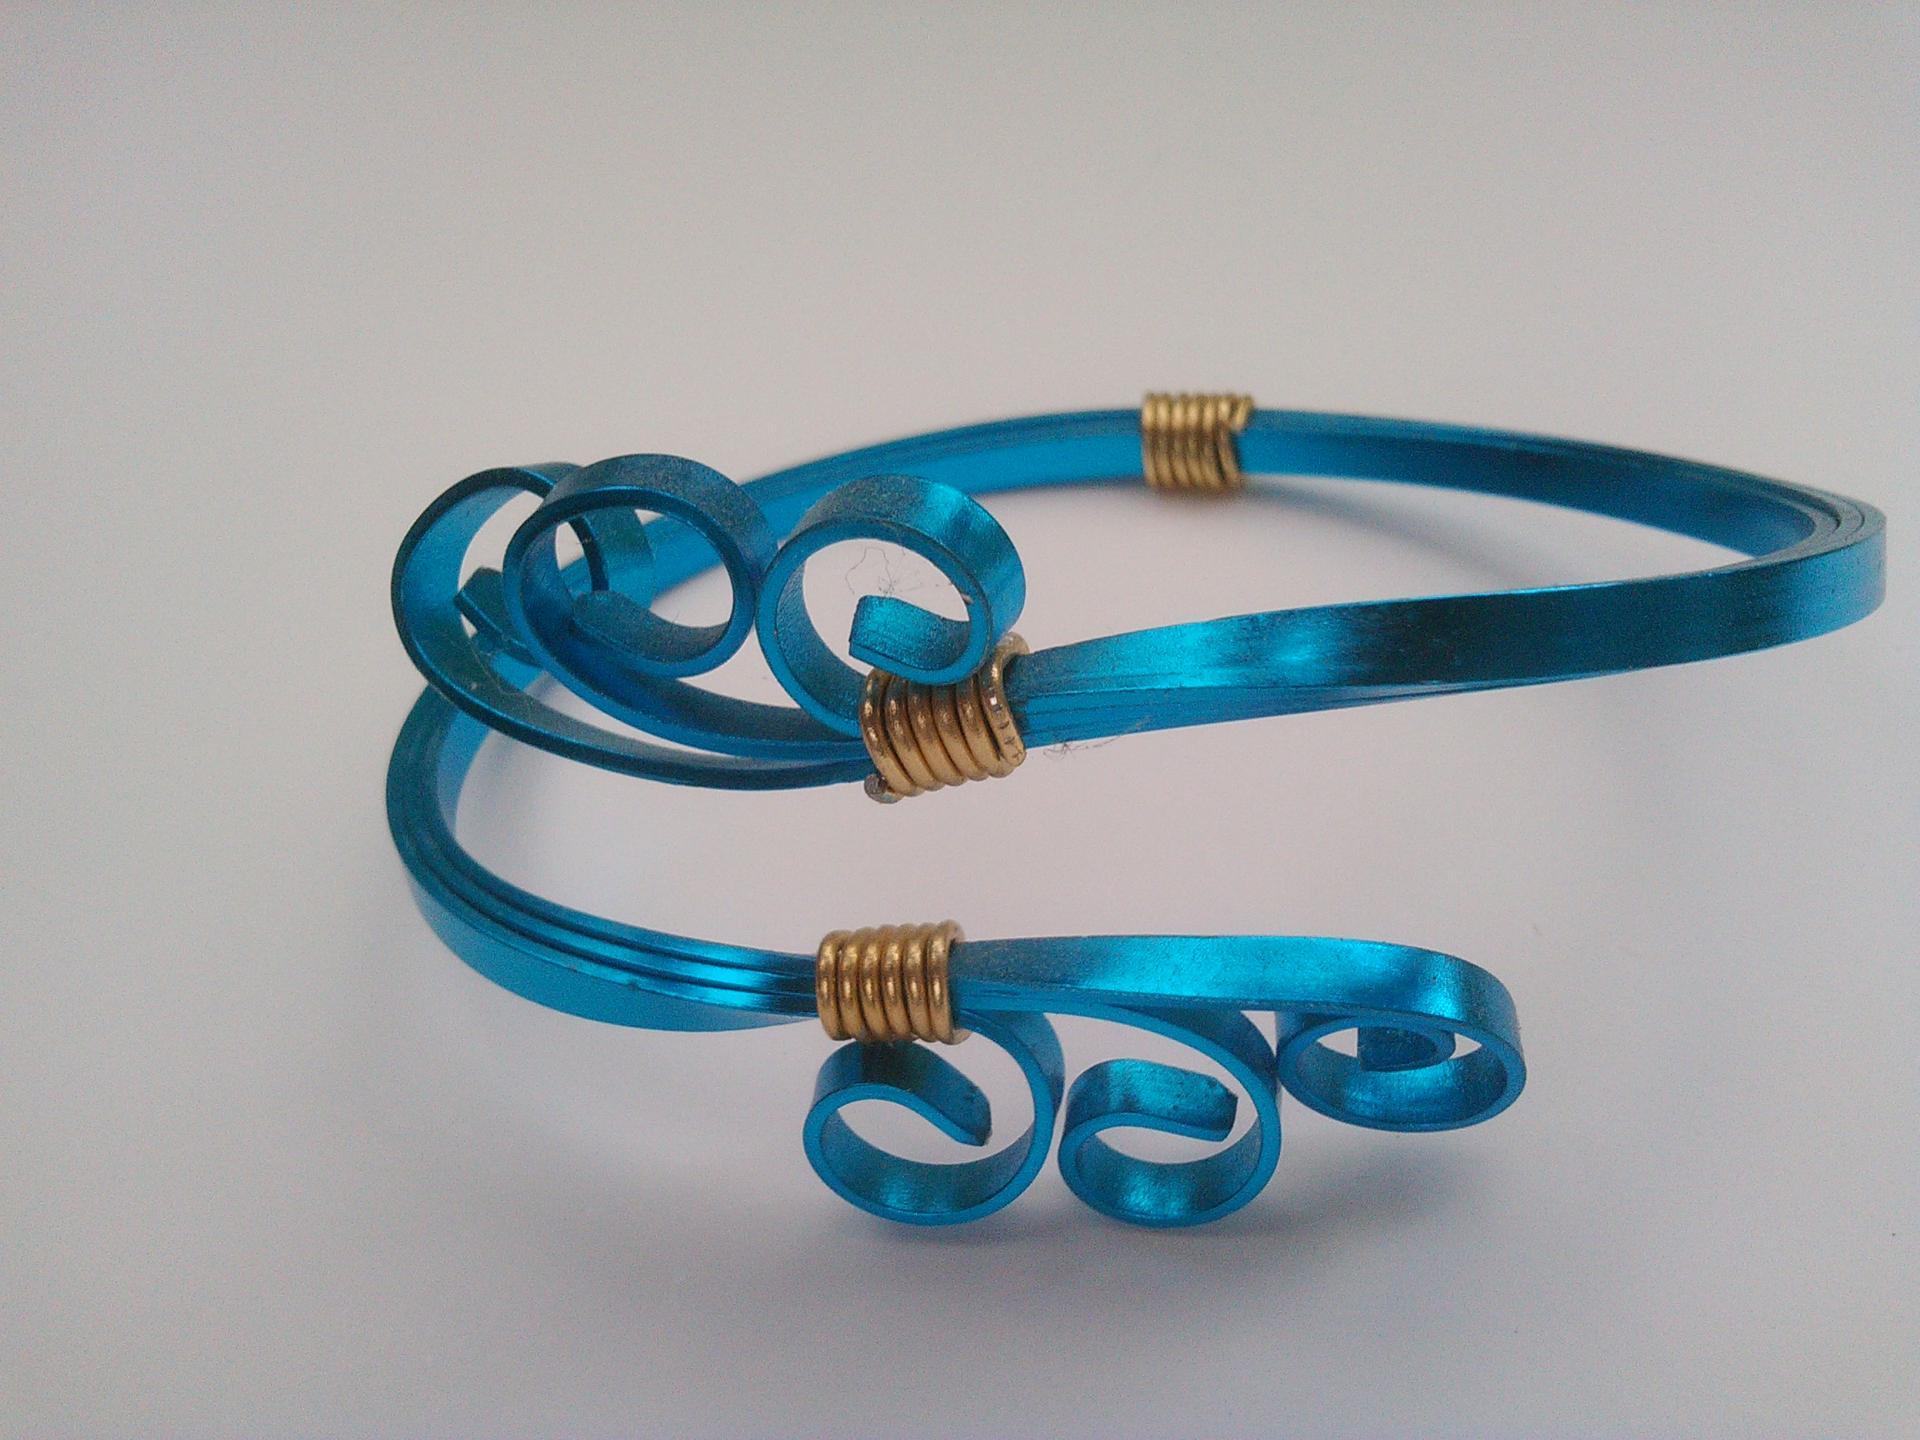 Parure bracelet victoire qualite materiaux precieux fantaisie perles de qualite fils tresses couleurs travaillees main pieces de dentelle brodees main fifi au jardin precious